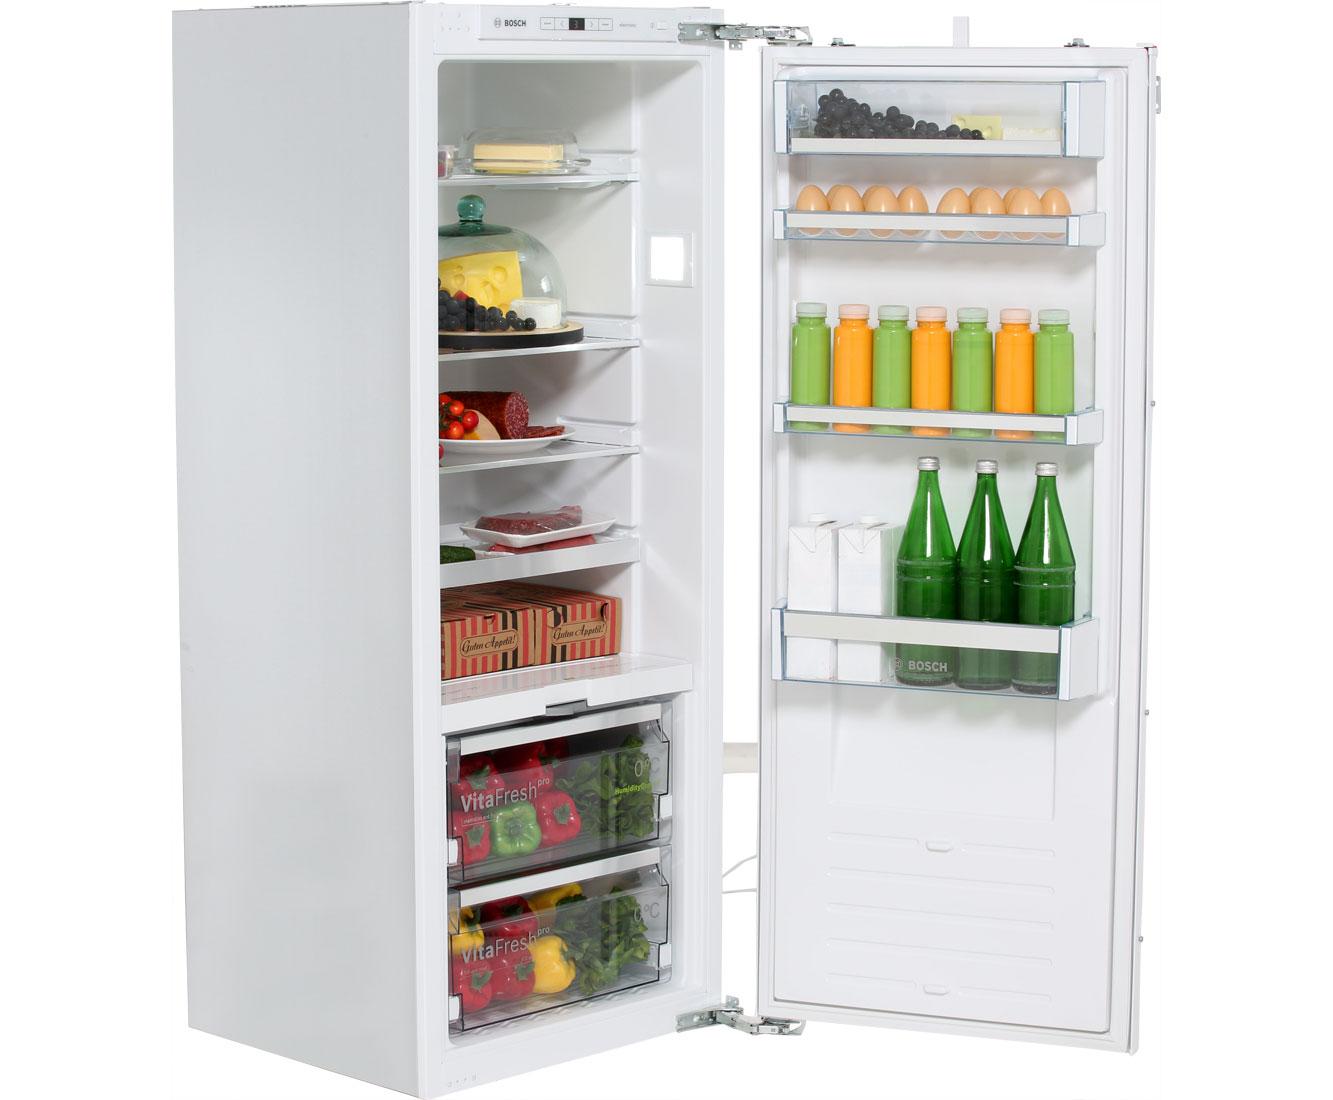 Bosch Kühlschrank Blau : Bosch kühlschrank scharnier preisvergleich u die besten angebote